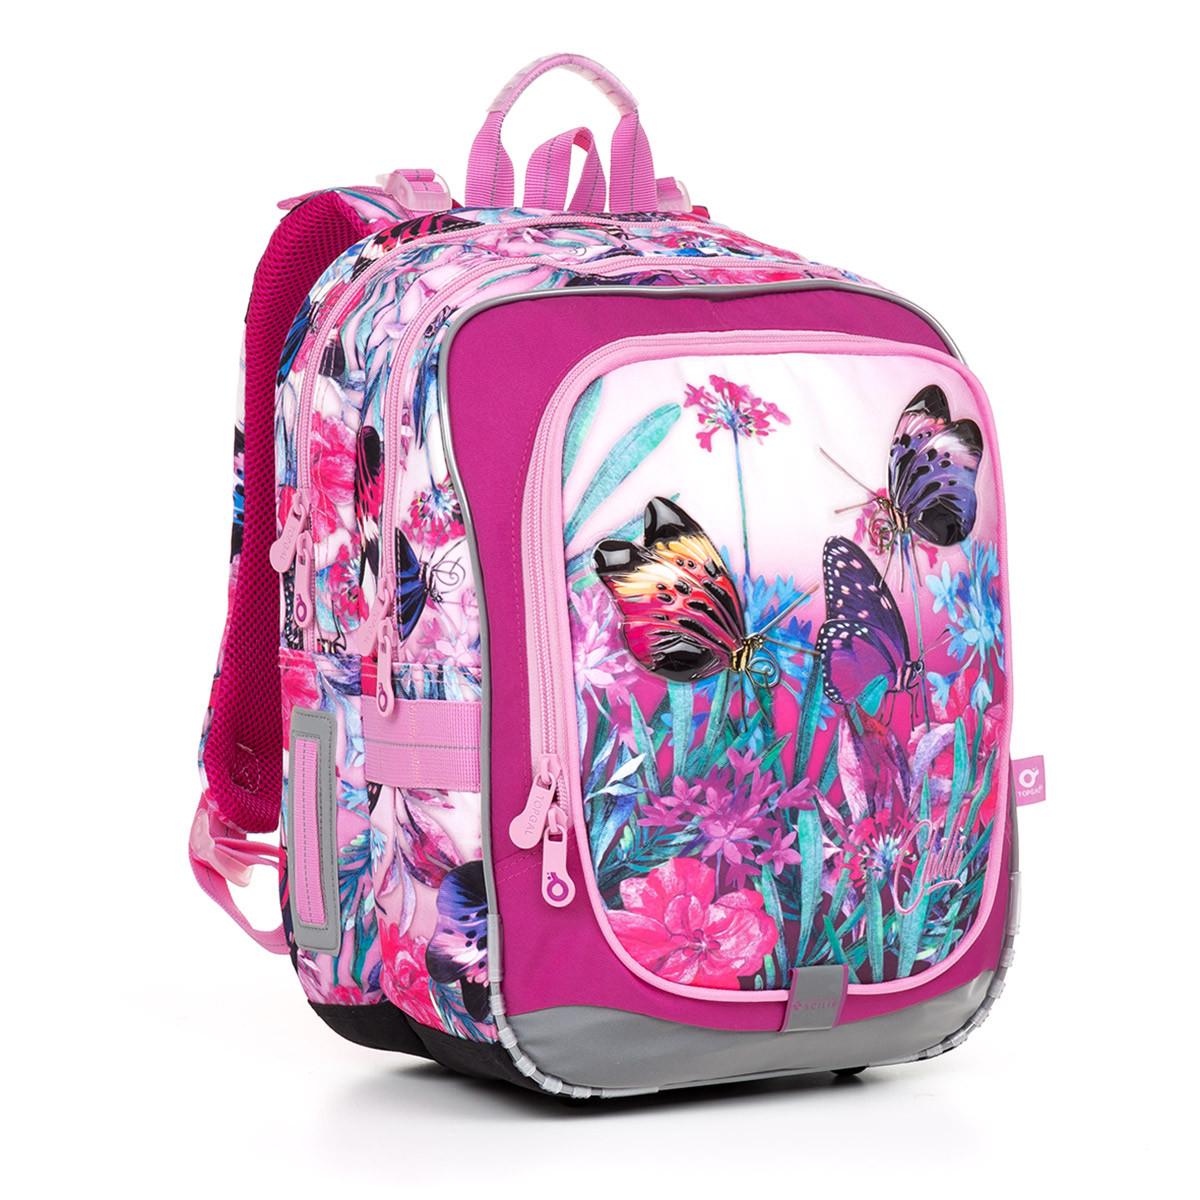 390fdba309c Svítící školní batoh Topgal ENDY17004 G